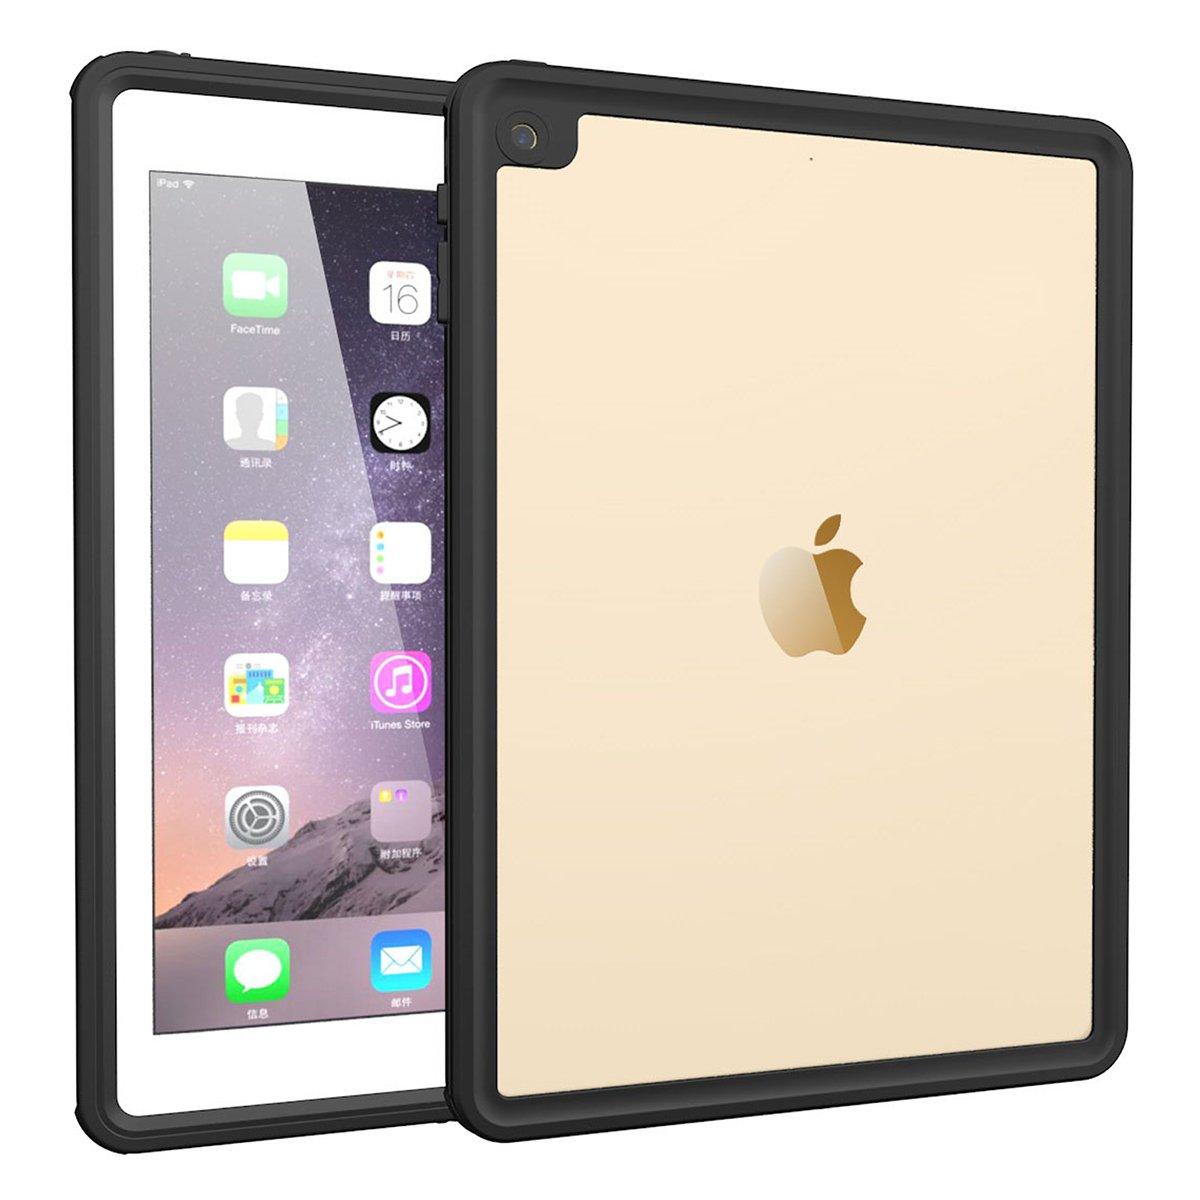 超安い品質 Torubia iPad Pro 9.7 2017 汚れ防止 防水ケース バックシェル Pro 防雪 汚れ防止 2017用 カバーカバー 耐衝撃 防水ケース iPad Pro 9.7 2017用 ブラック B07L8QL1HQ, 武豊町:e285beef --- a0267596.xsph.ru